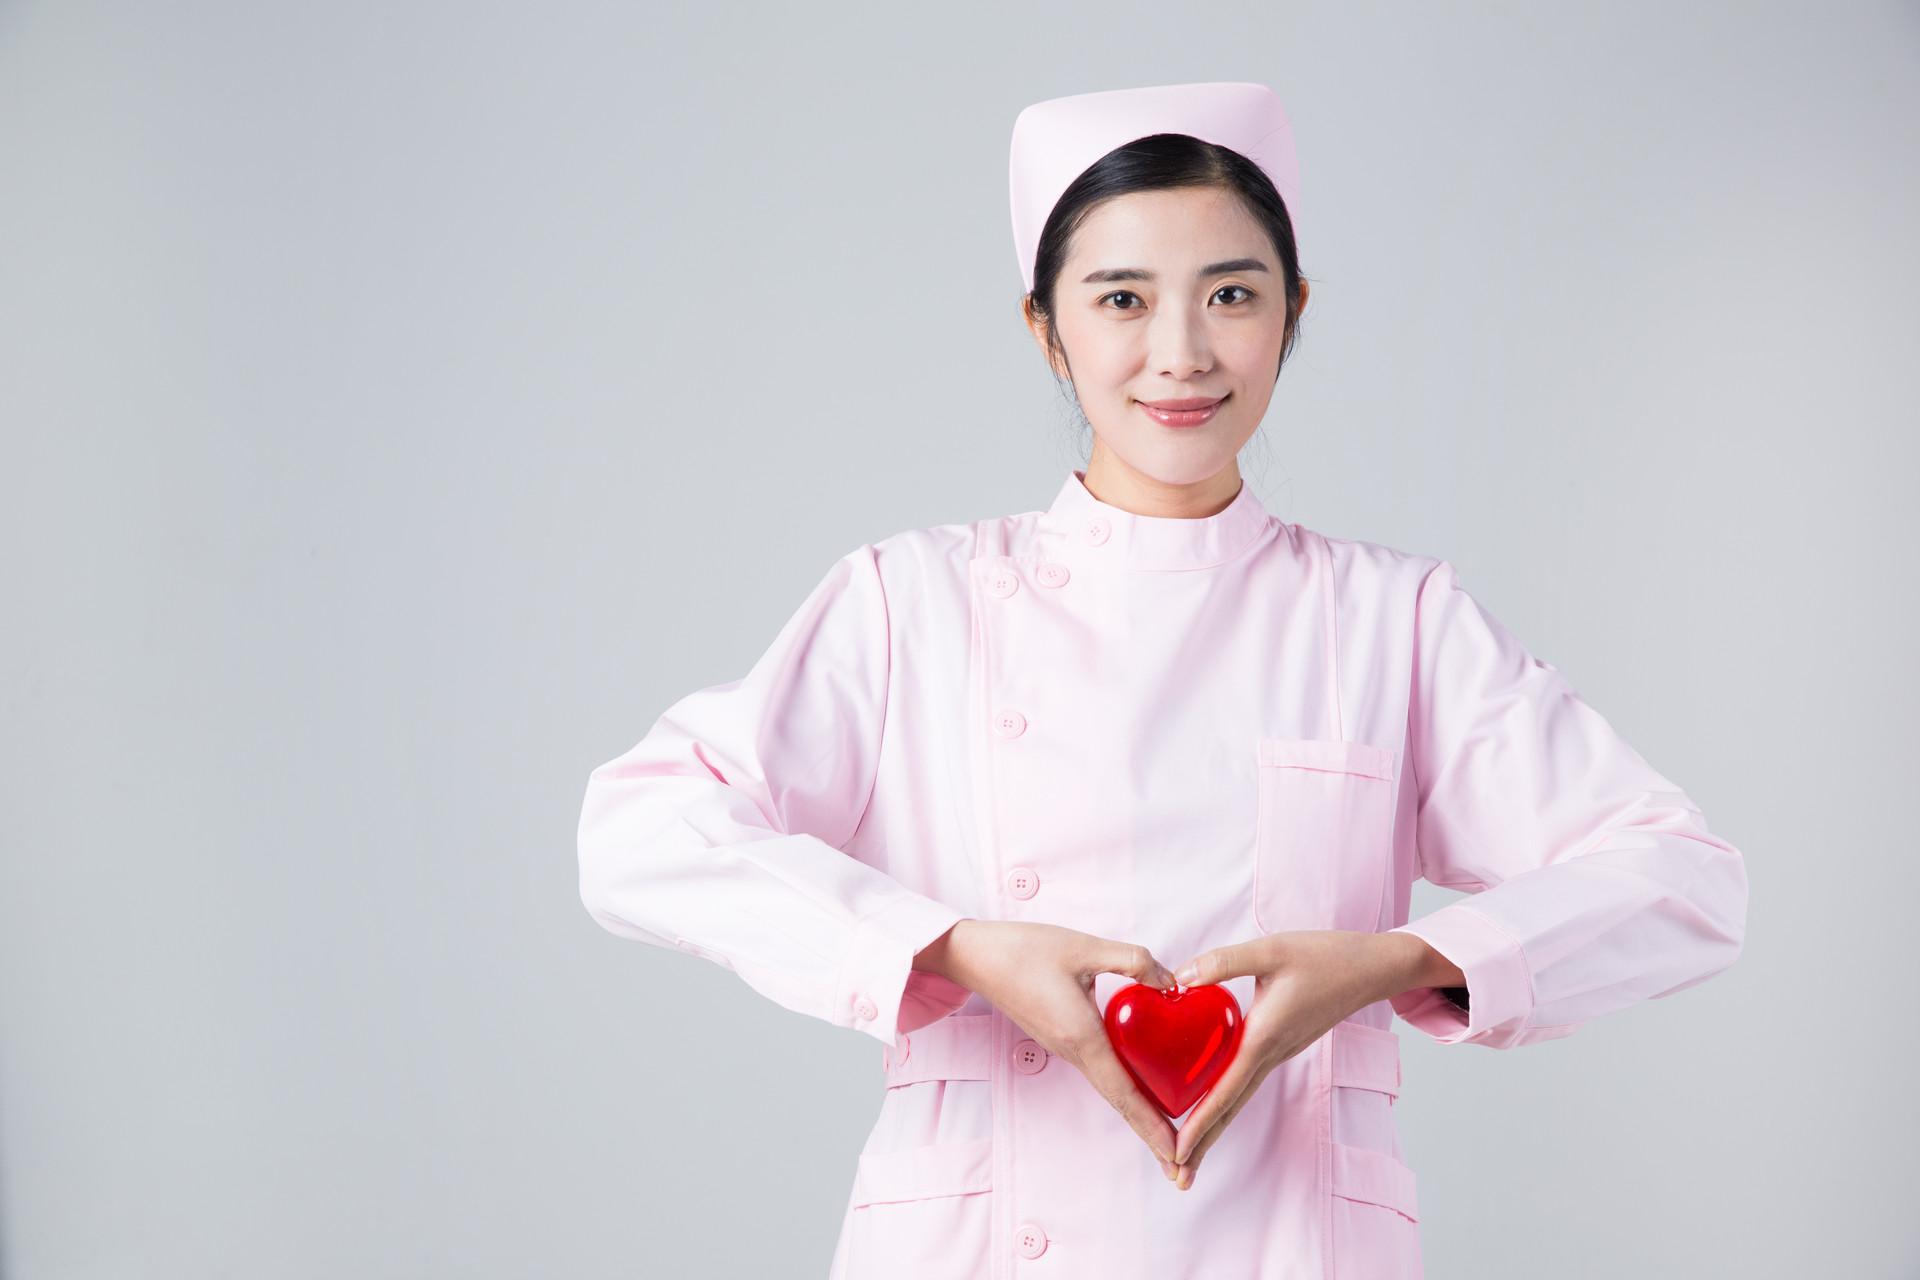 洛阳健康管理师培训专业机构